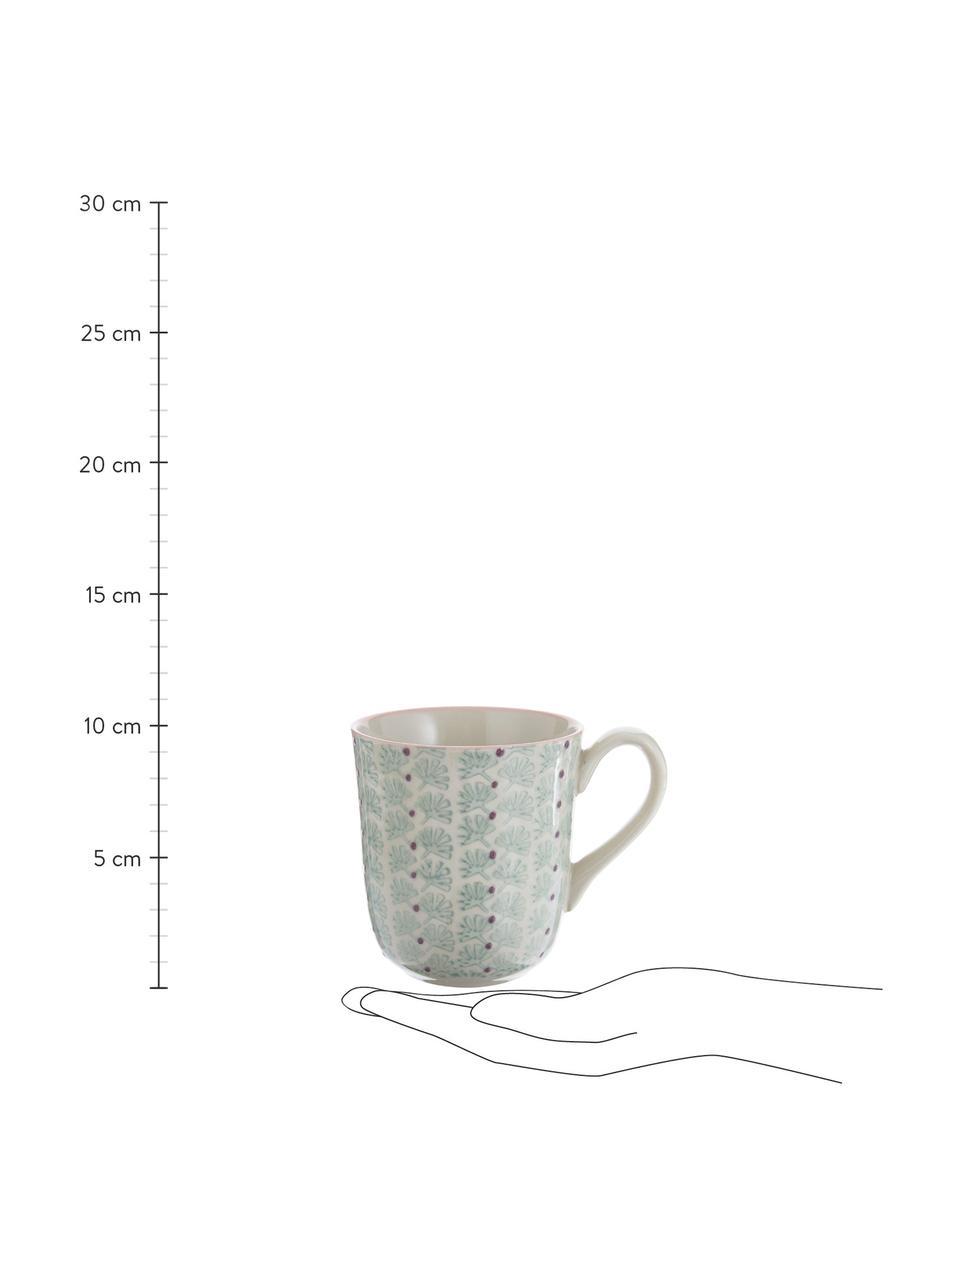 Tassen Maya mit kleinem Muster, 3er-Set, Steingut, Weiß, Grün, Rosa, Lila, Ø 9 x H 10 cm